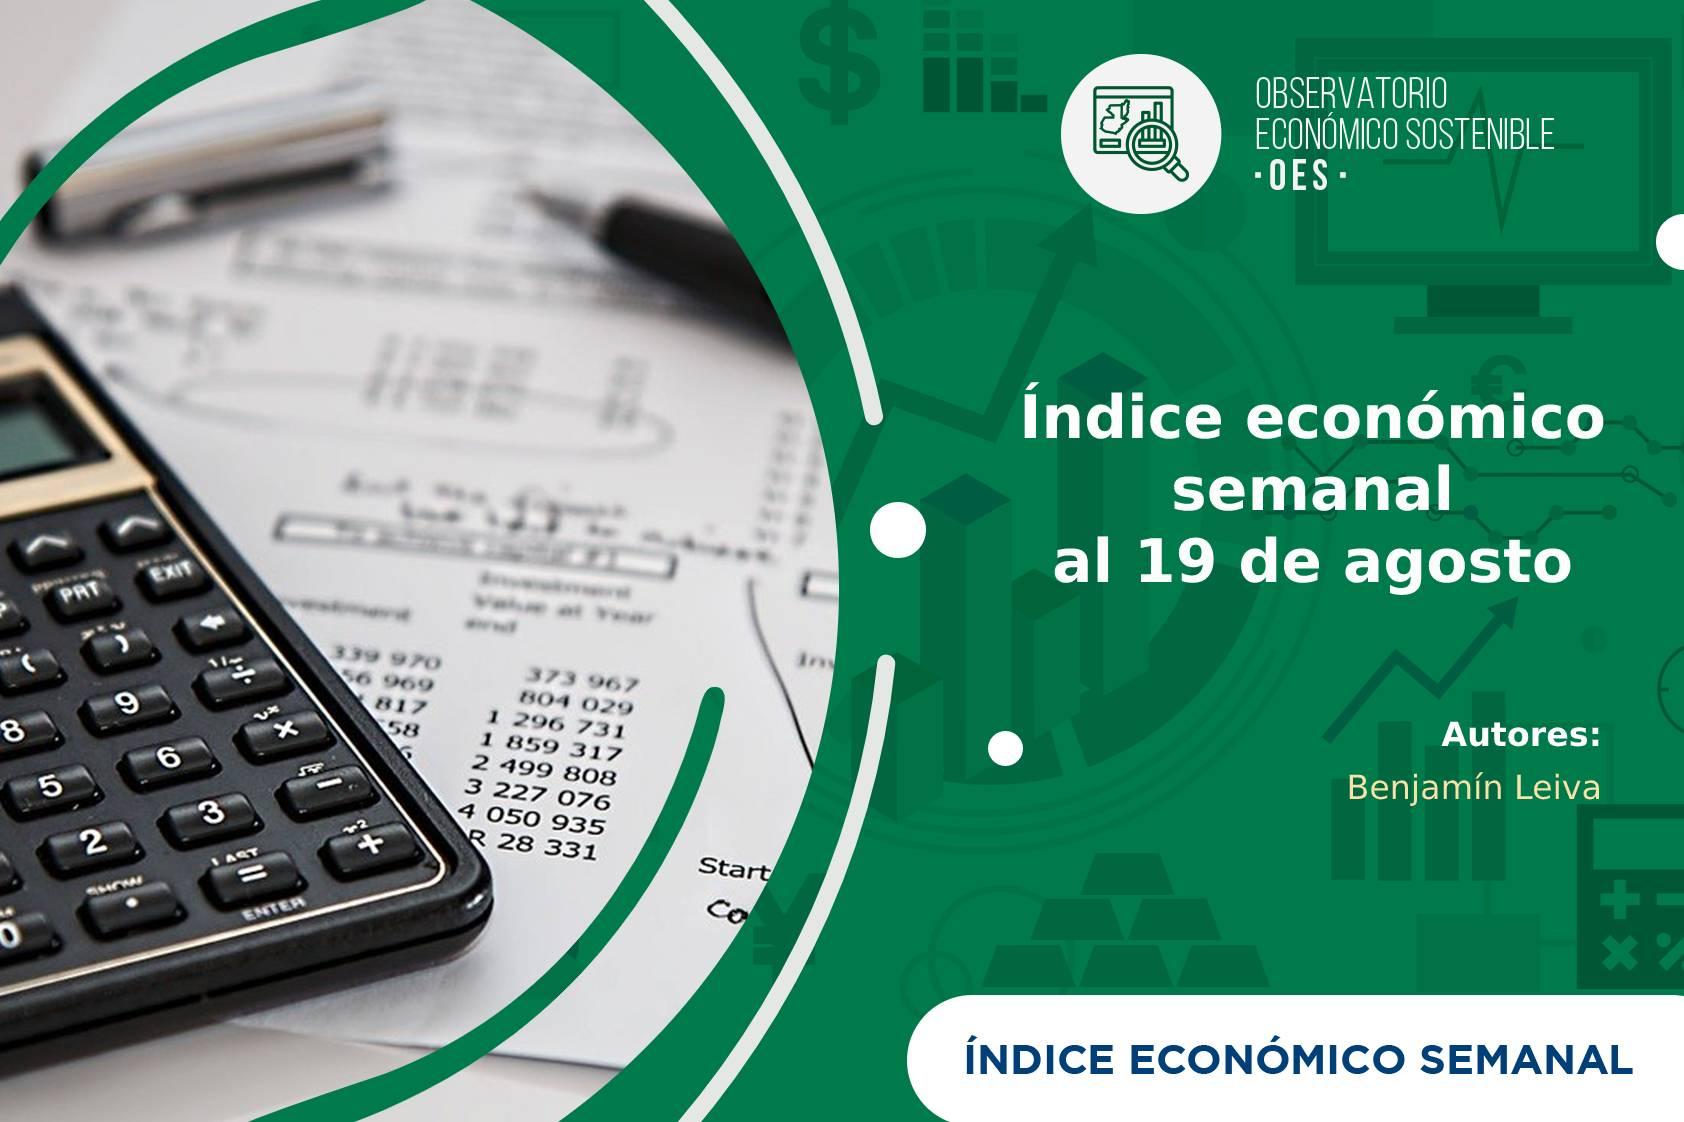 Aumento del IES por mejoras en remesas y exportaciones para el 19 de agosto